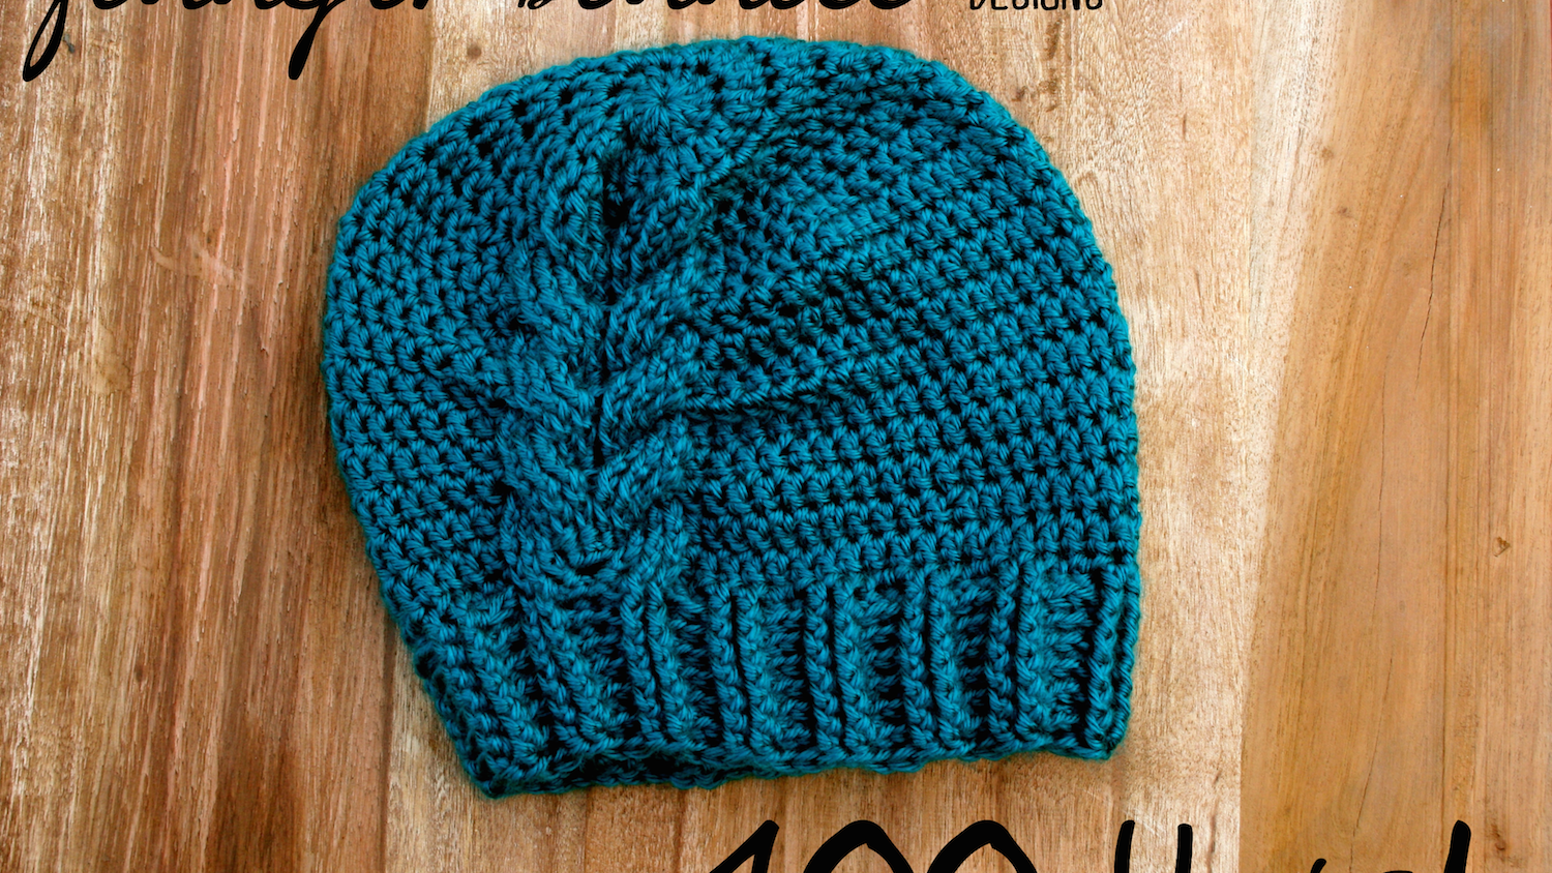 99e9b1e9f 100 Crocheted Hats by Jennifer Bennett — Kickstarter